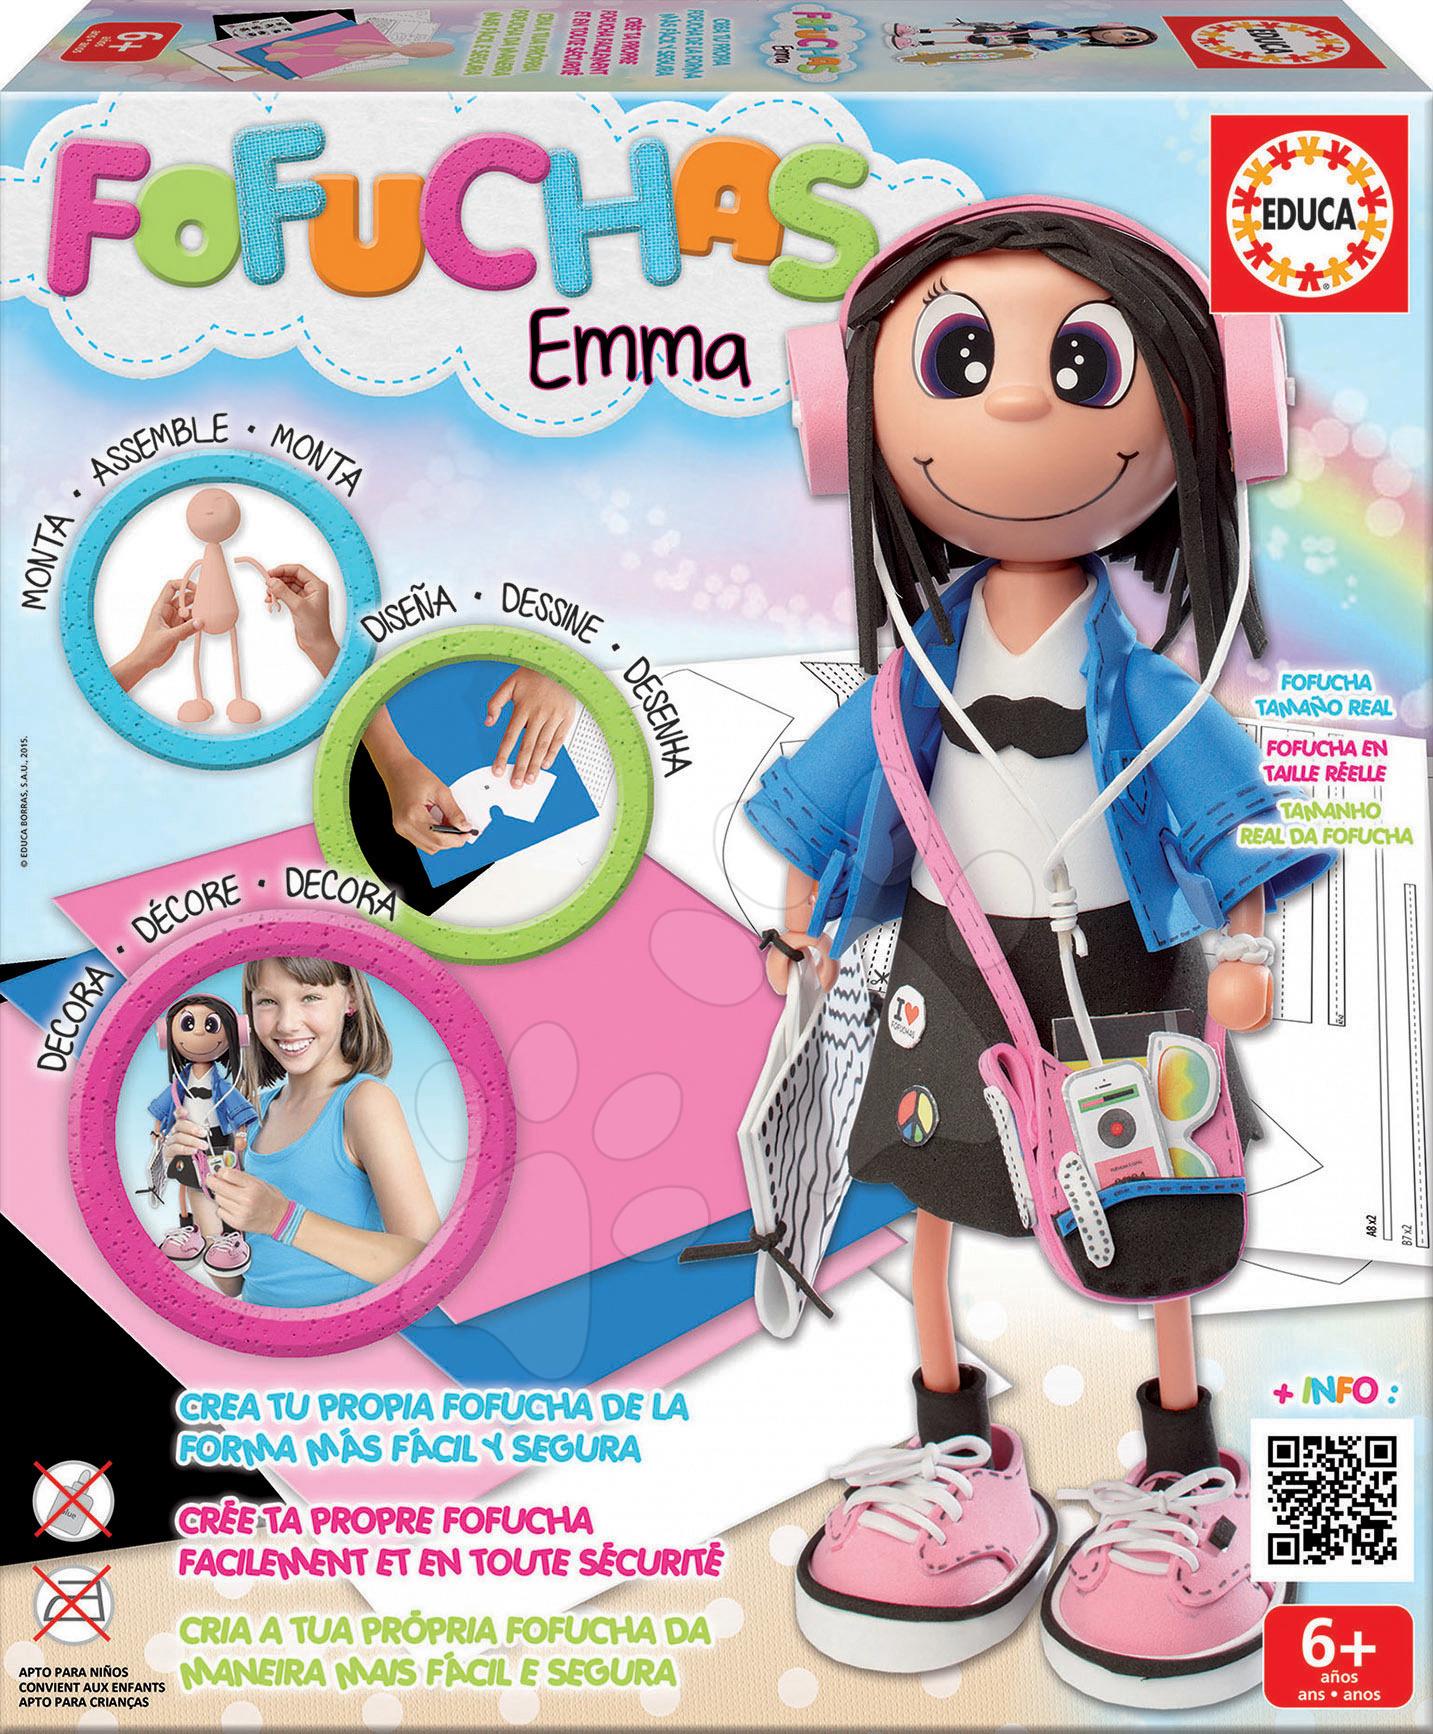 Ručné práce a tvorenie - Bábika Emma Fofuchas Educa Obleč ju sama od 6 rokov